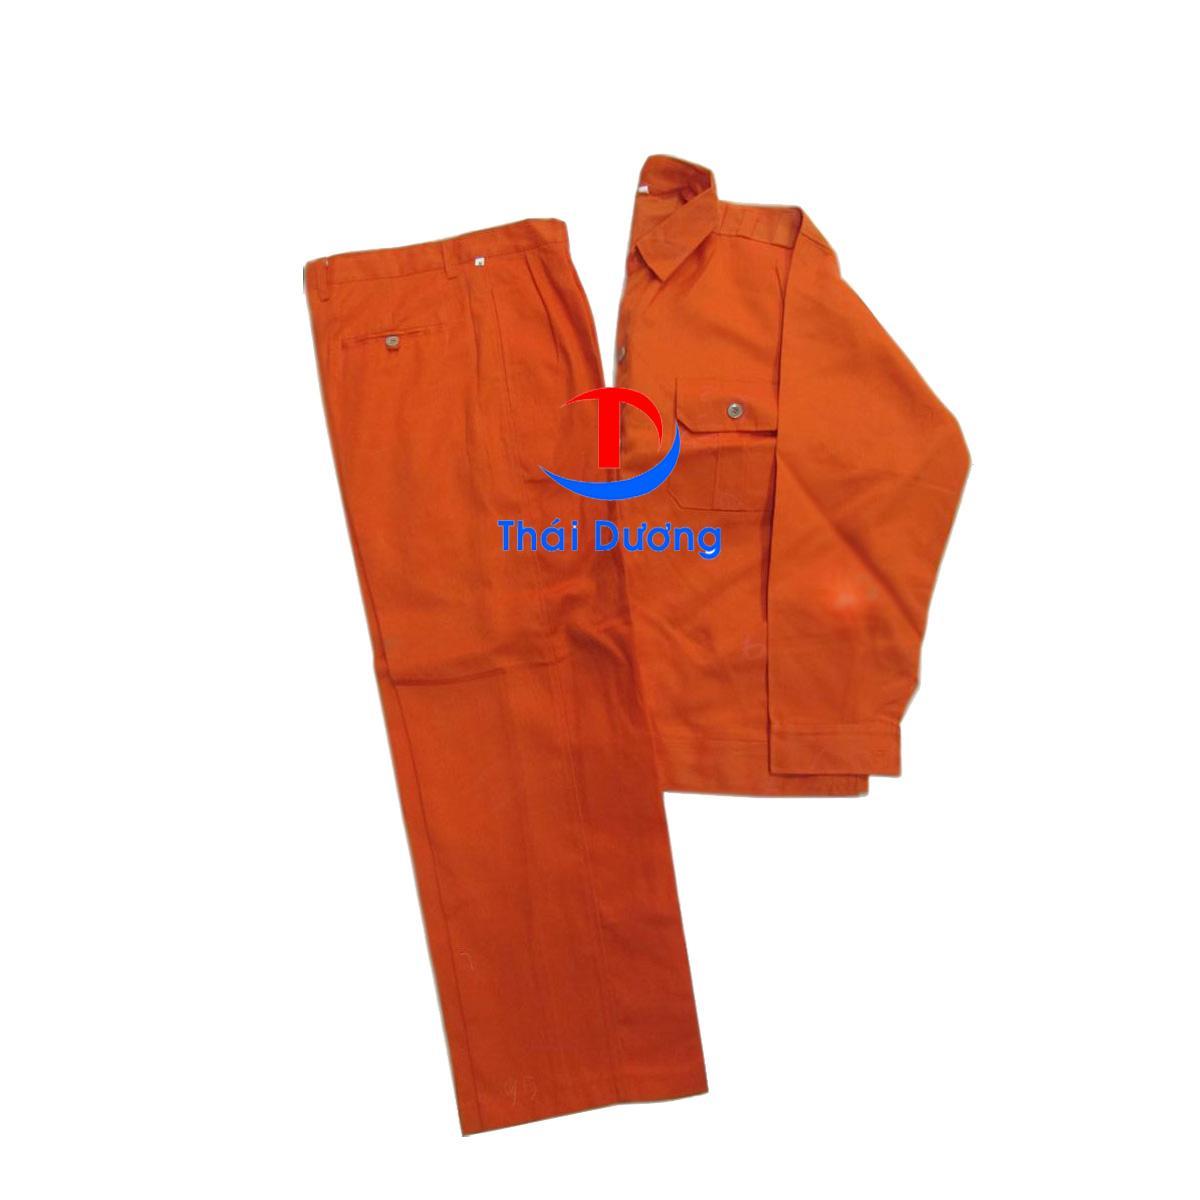 Bộ quần áo bảo hộ lao động Kaki ngành điện Cam size 8 (XL)